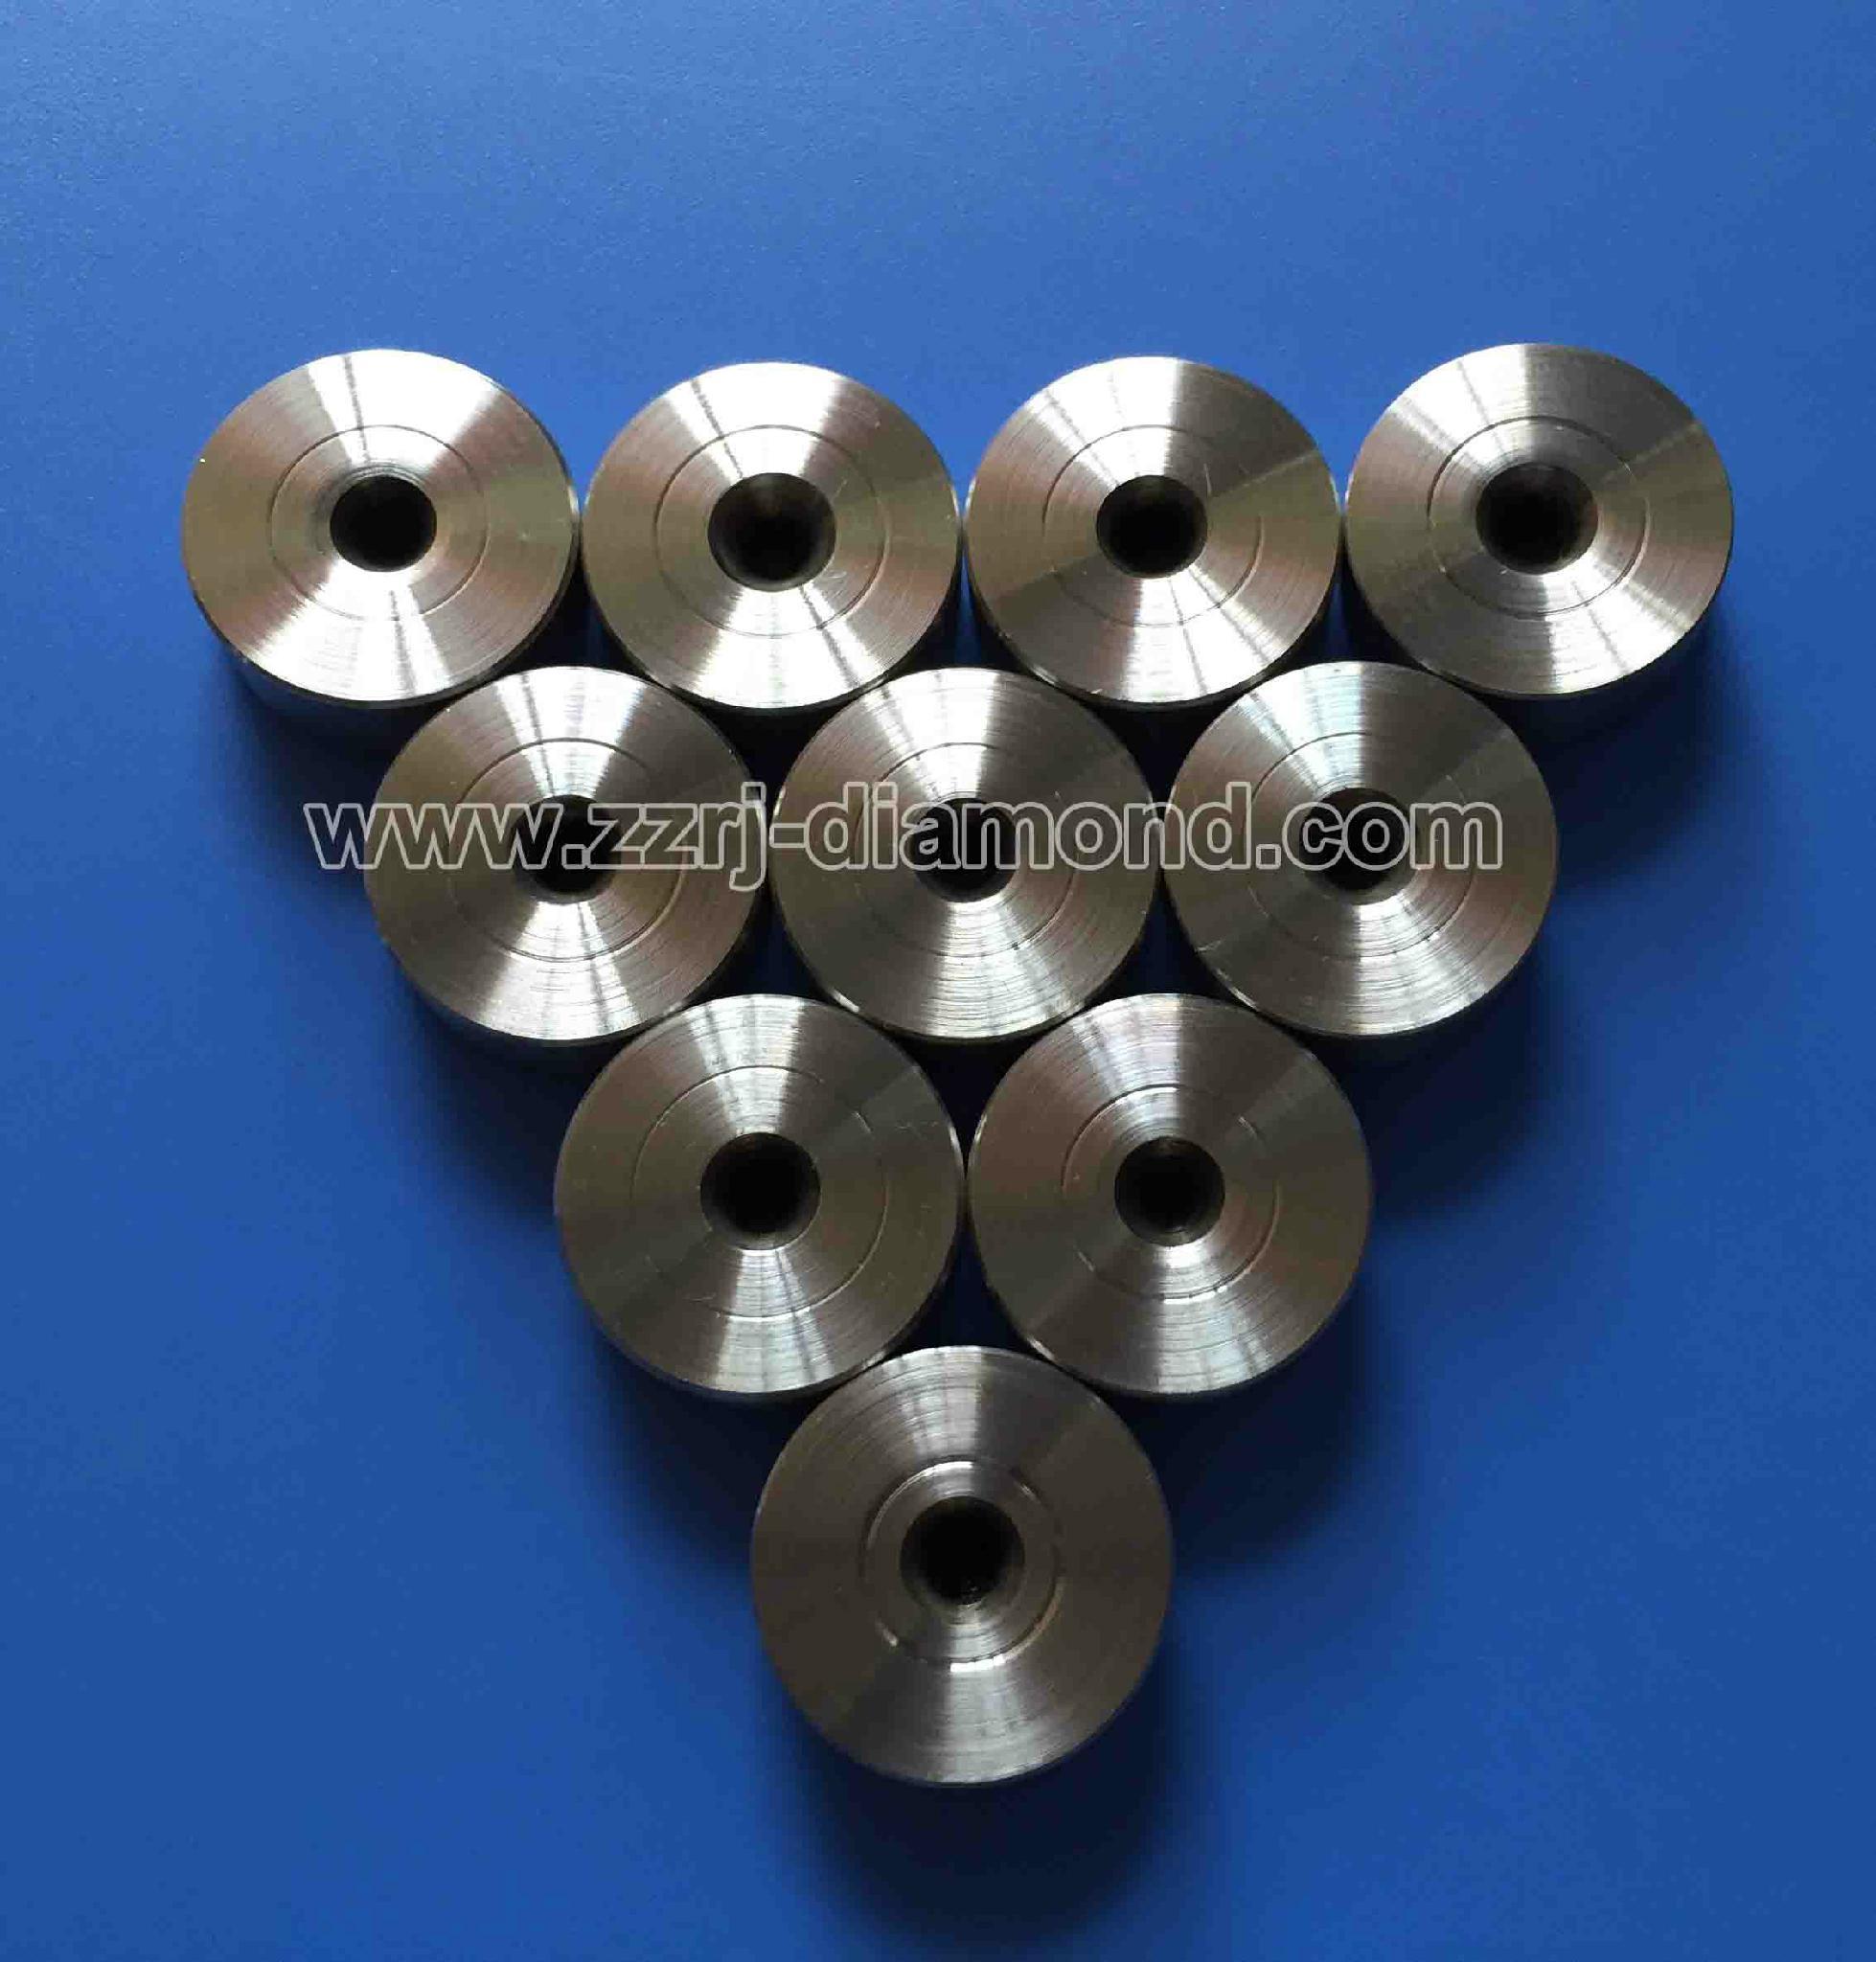 聚晶金刚石拉丝模具 1